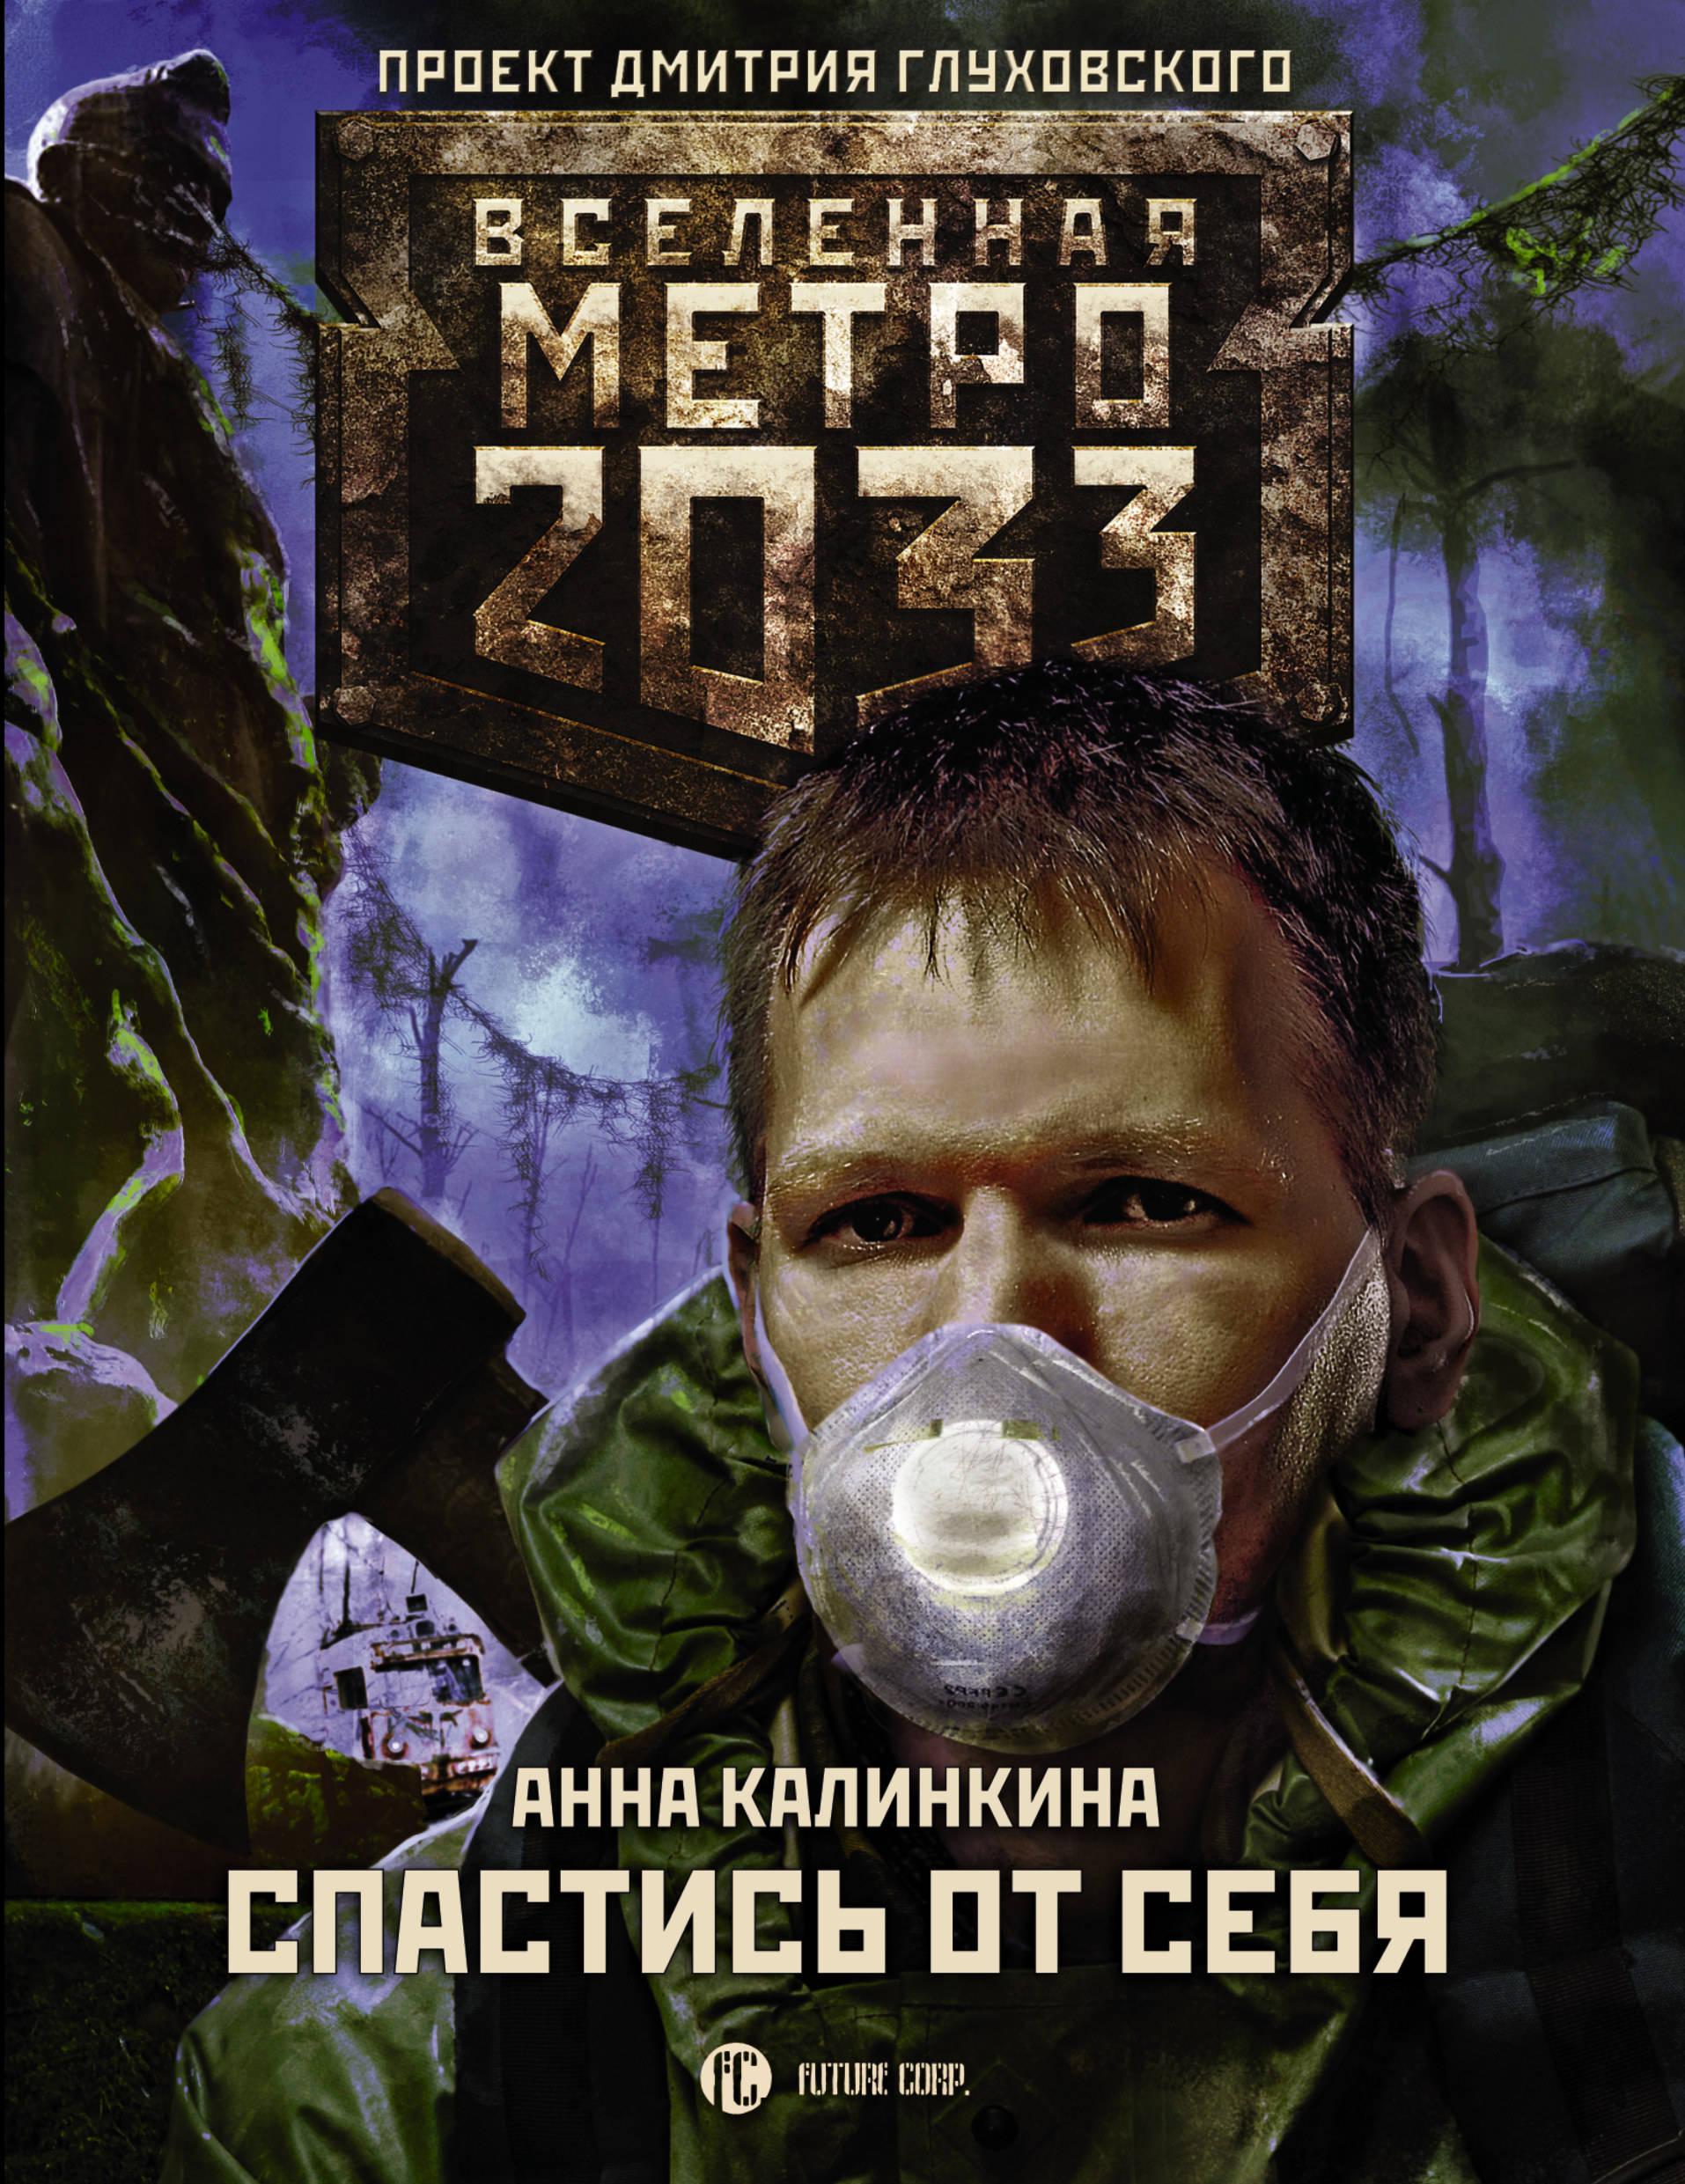 Анна Калинкина Метро 2033. Спастись от себя